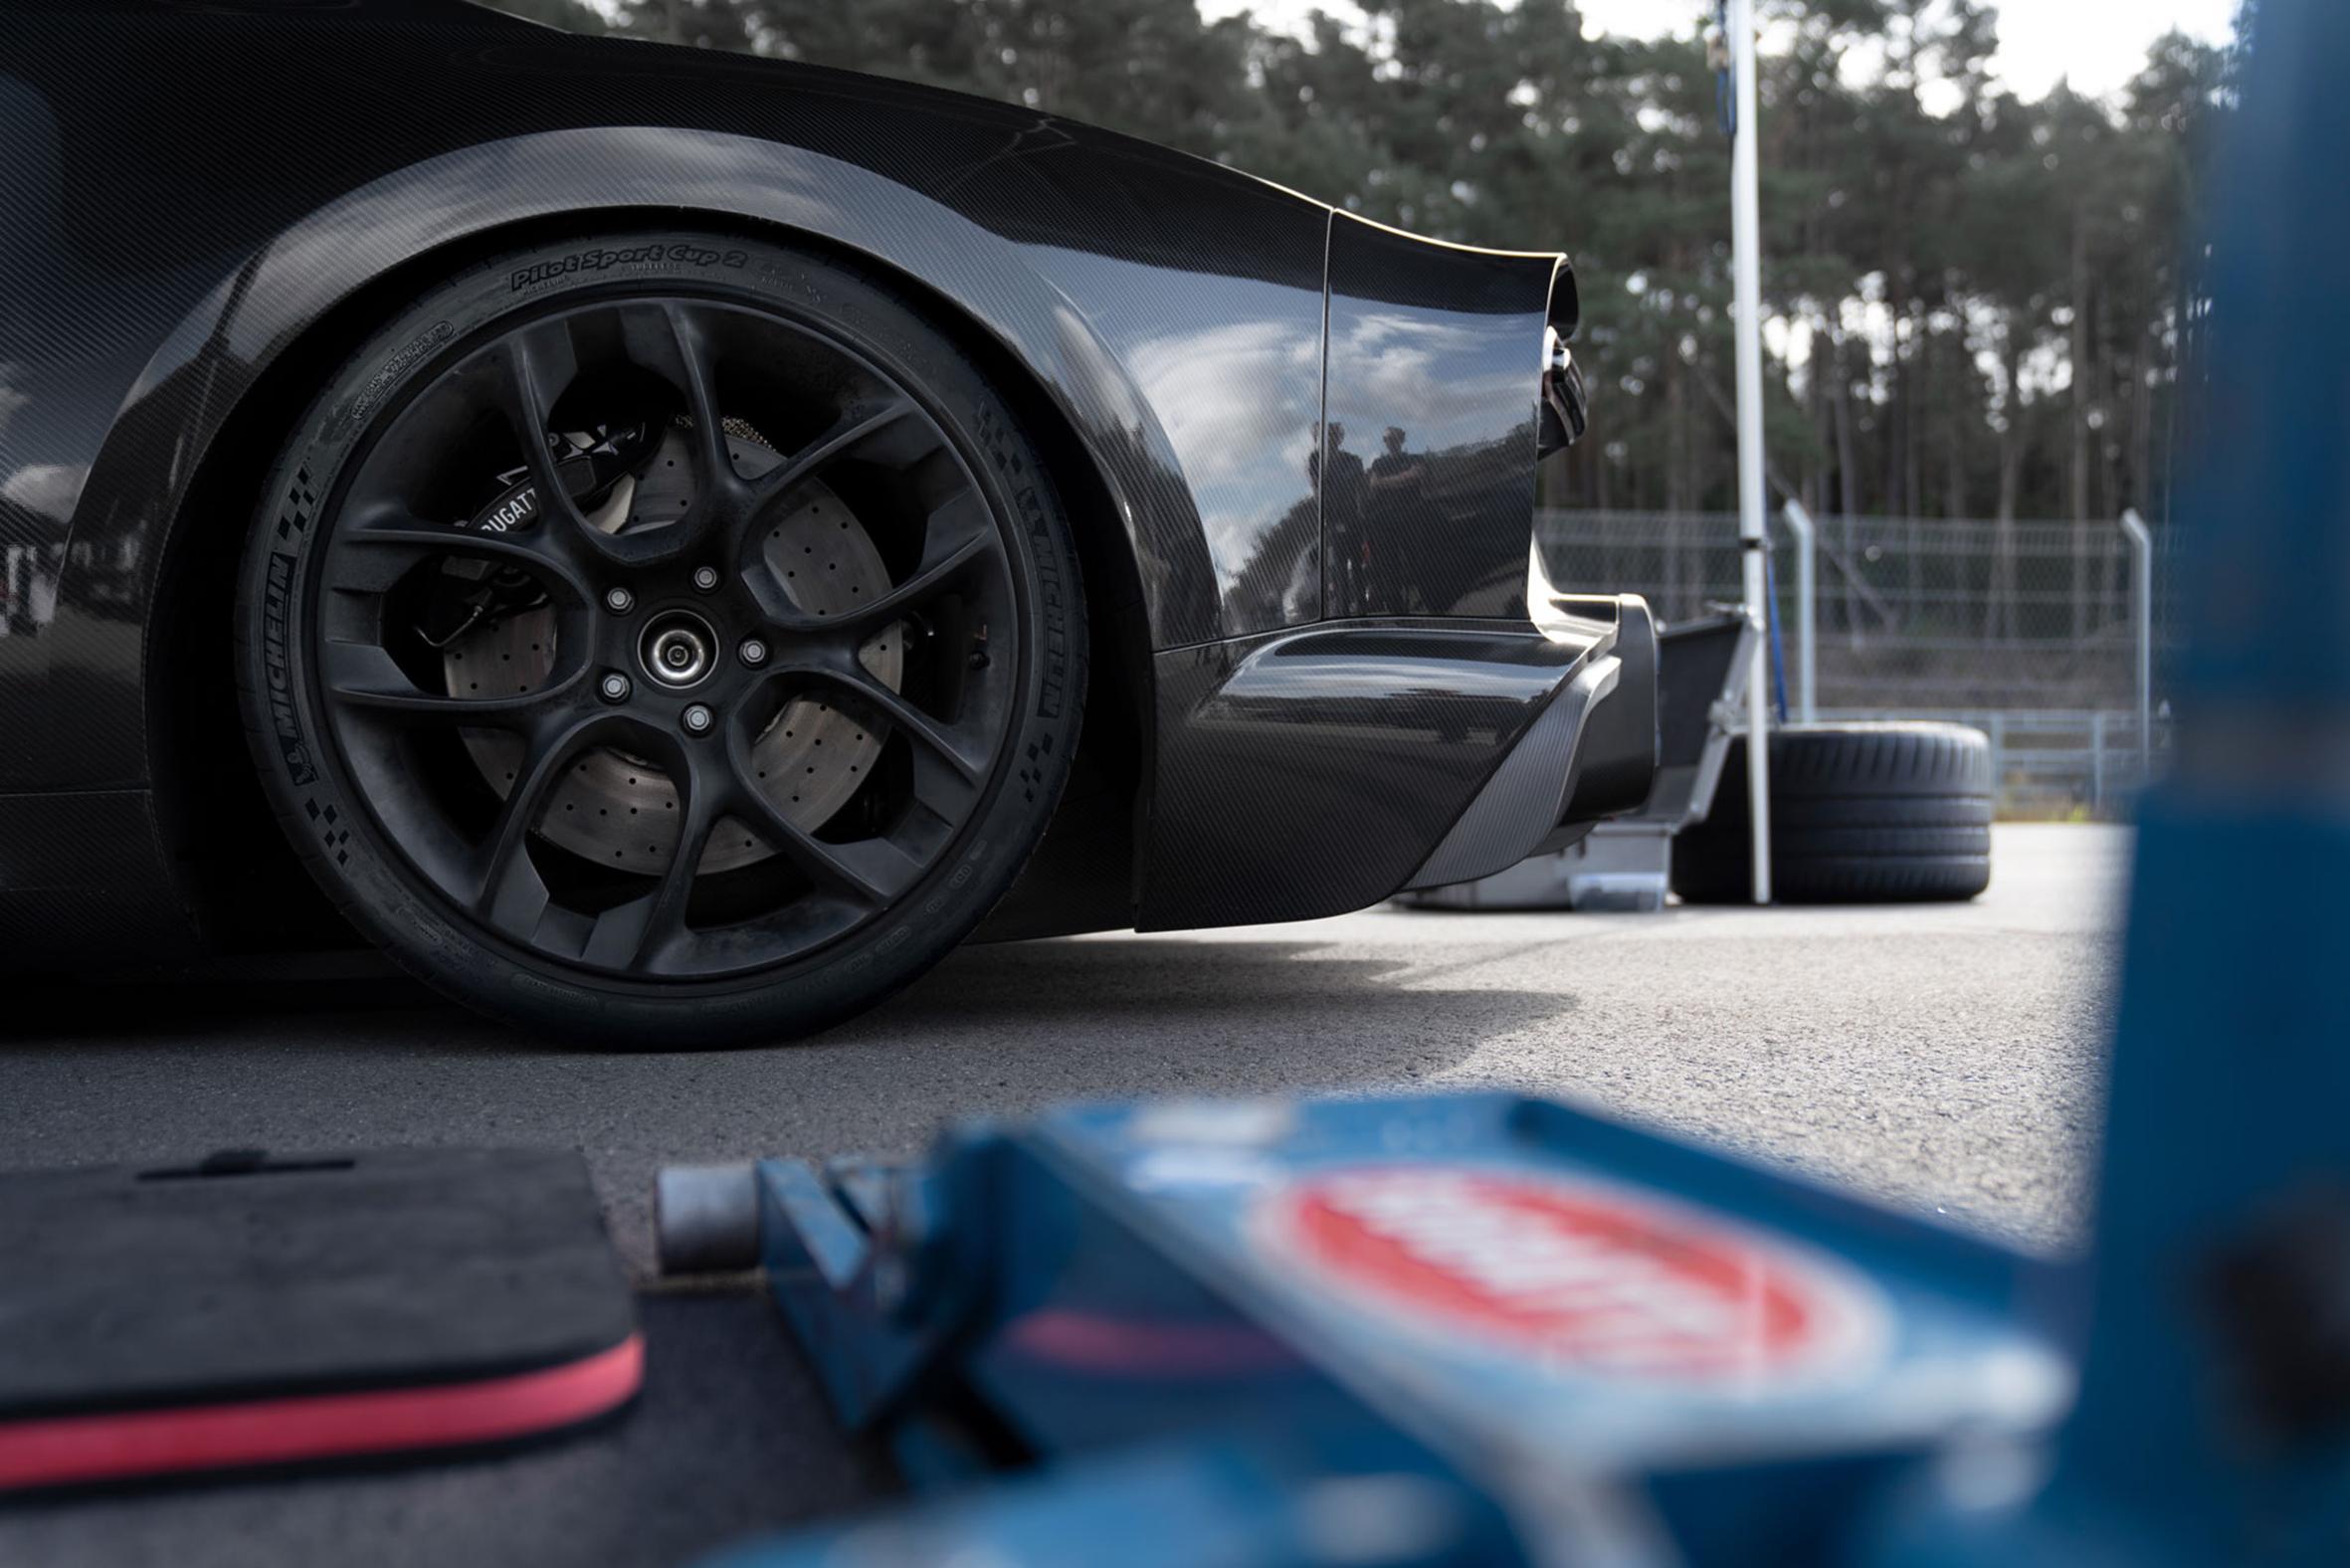 Mit den Michelin Reifen erreicht seriennaher Sportwagen erstmals 300 Meilen pro Stunde